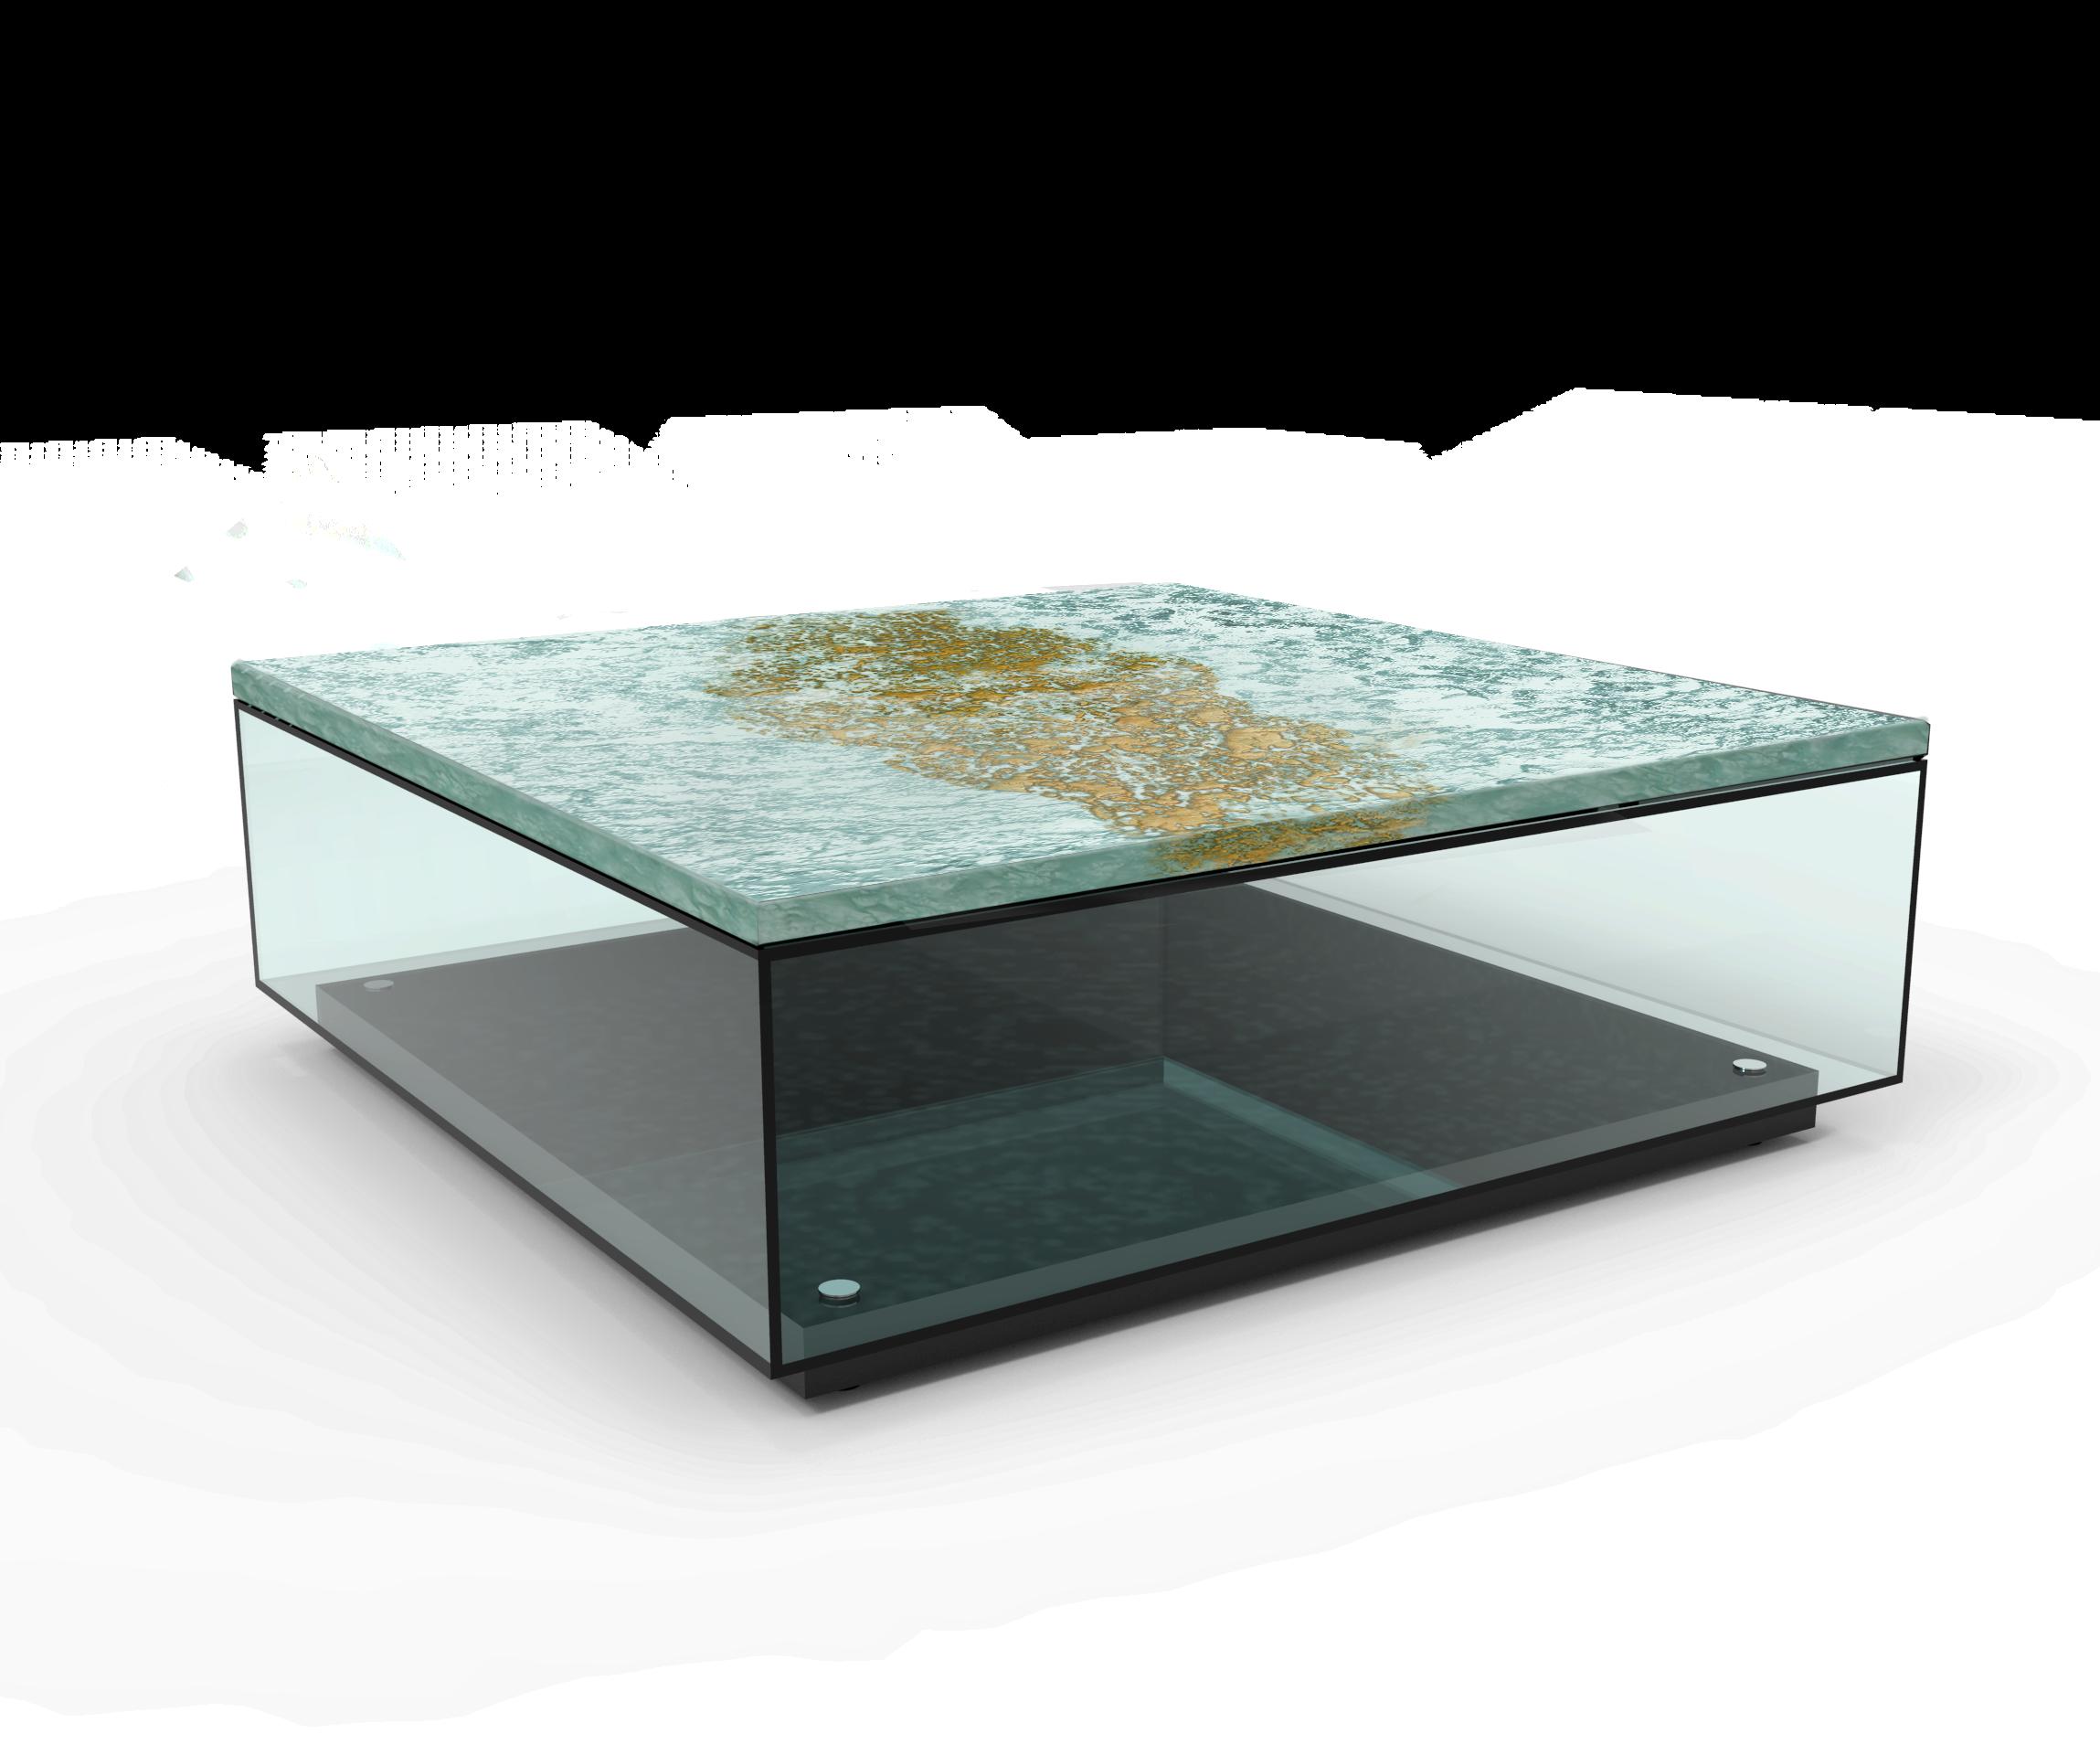 Modne ubrania Stolik kawowy Aquarius ze szkła artystycznego 3D 24 mm Baranska Glass TE51